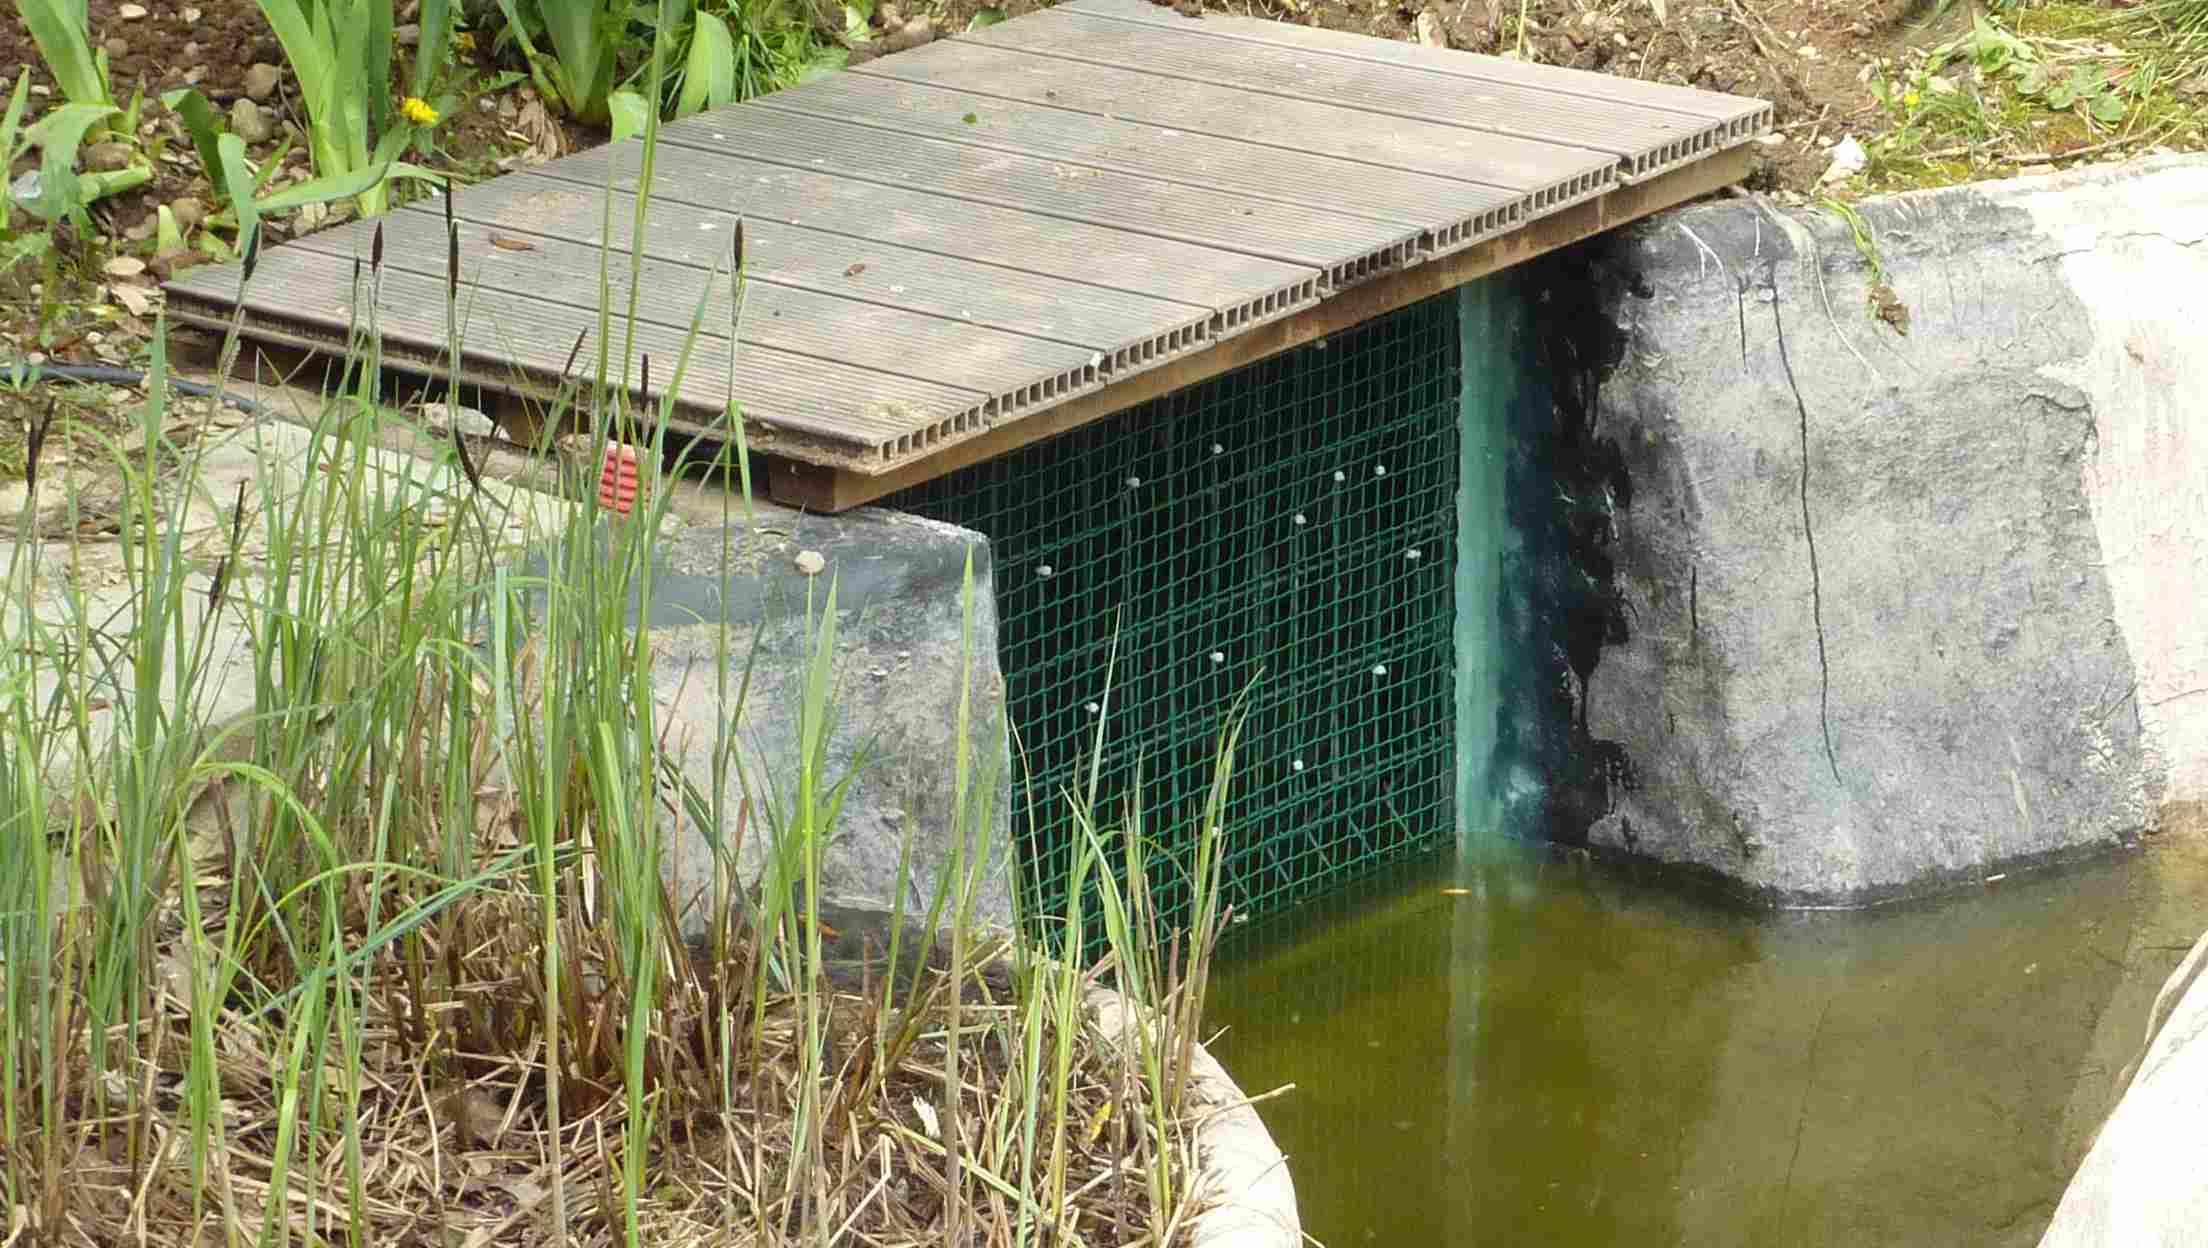 realiser des bassins et des piscines naturelles avec des pompes solaires un r ve. Black Bedroom Furniture Sets. Home Design Ideas